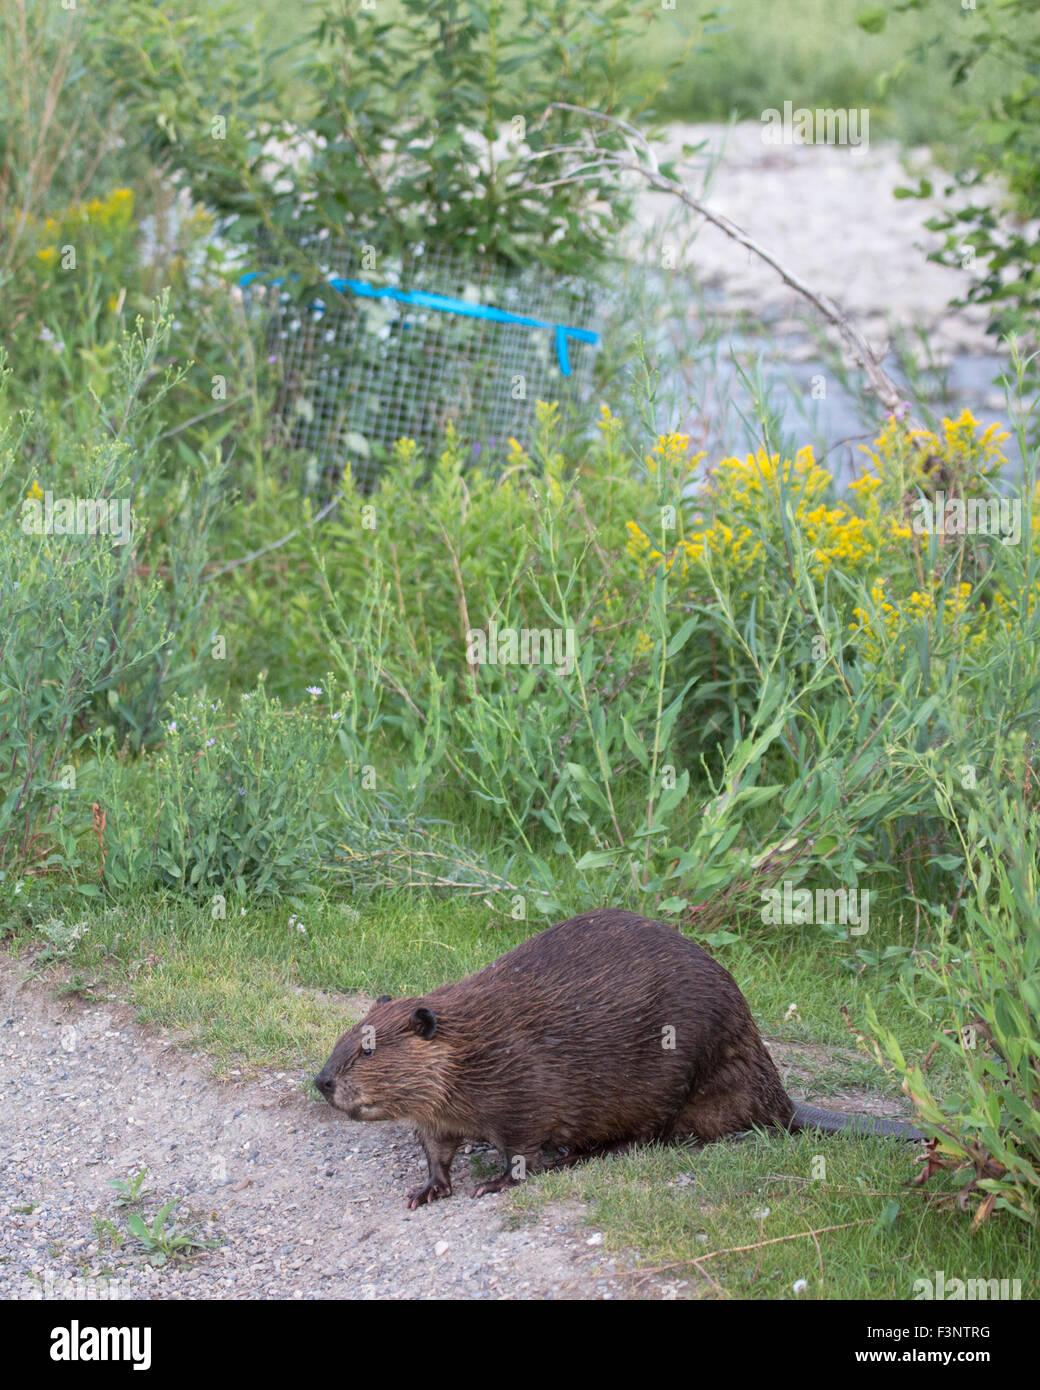 Castoro (Castor canadensis) nel parco della città a piedi da un arbusto avvolti nel filo per la protezione Immagini Stock